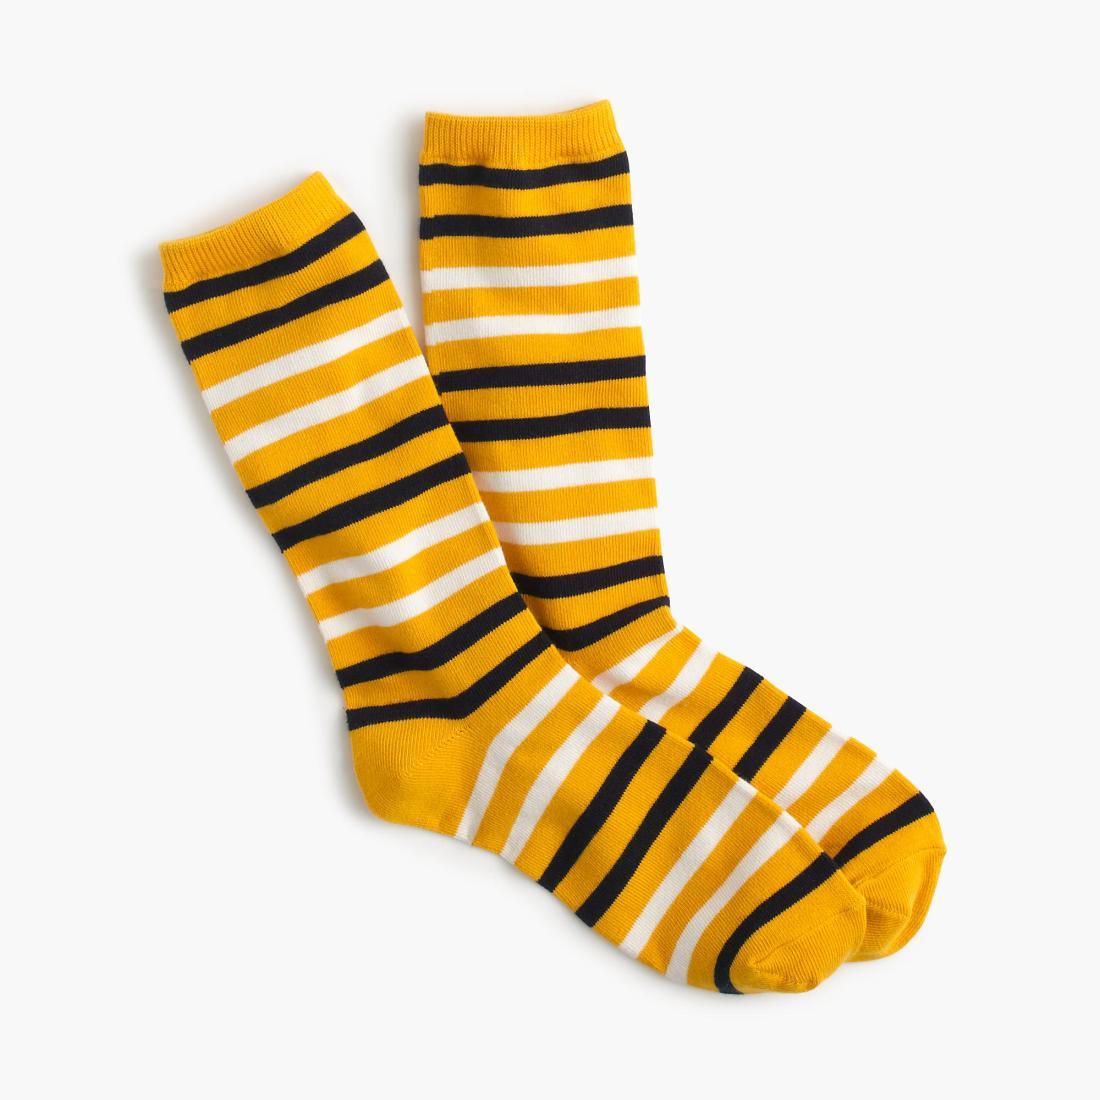 j-crew-socks